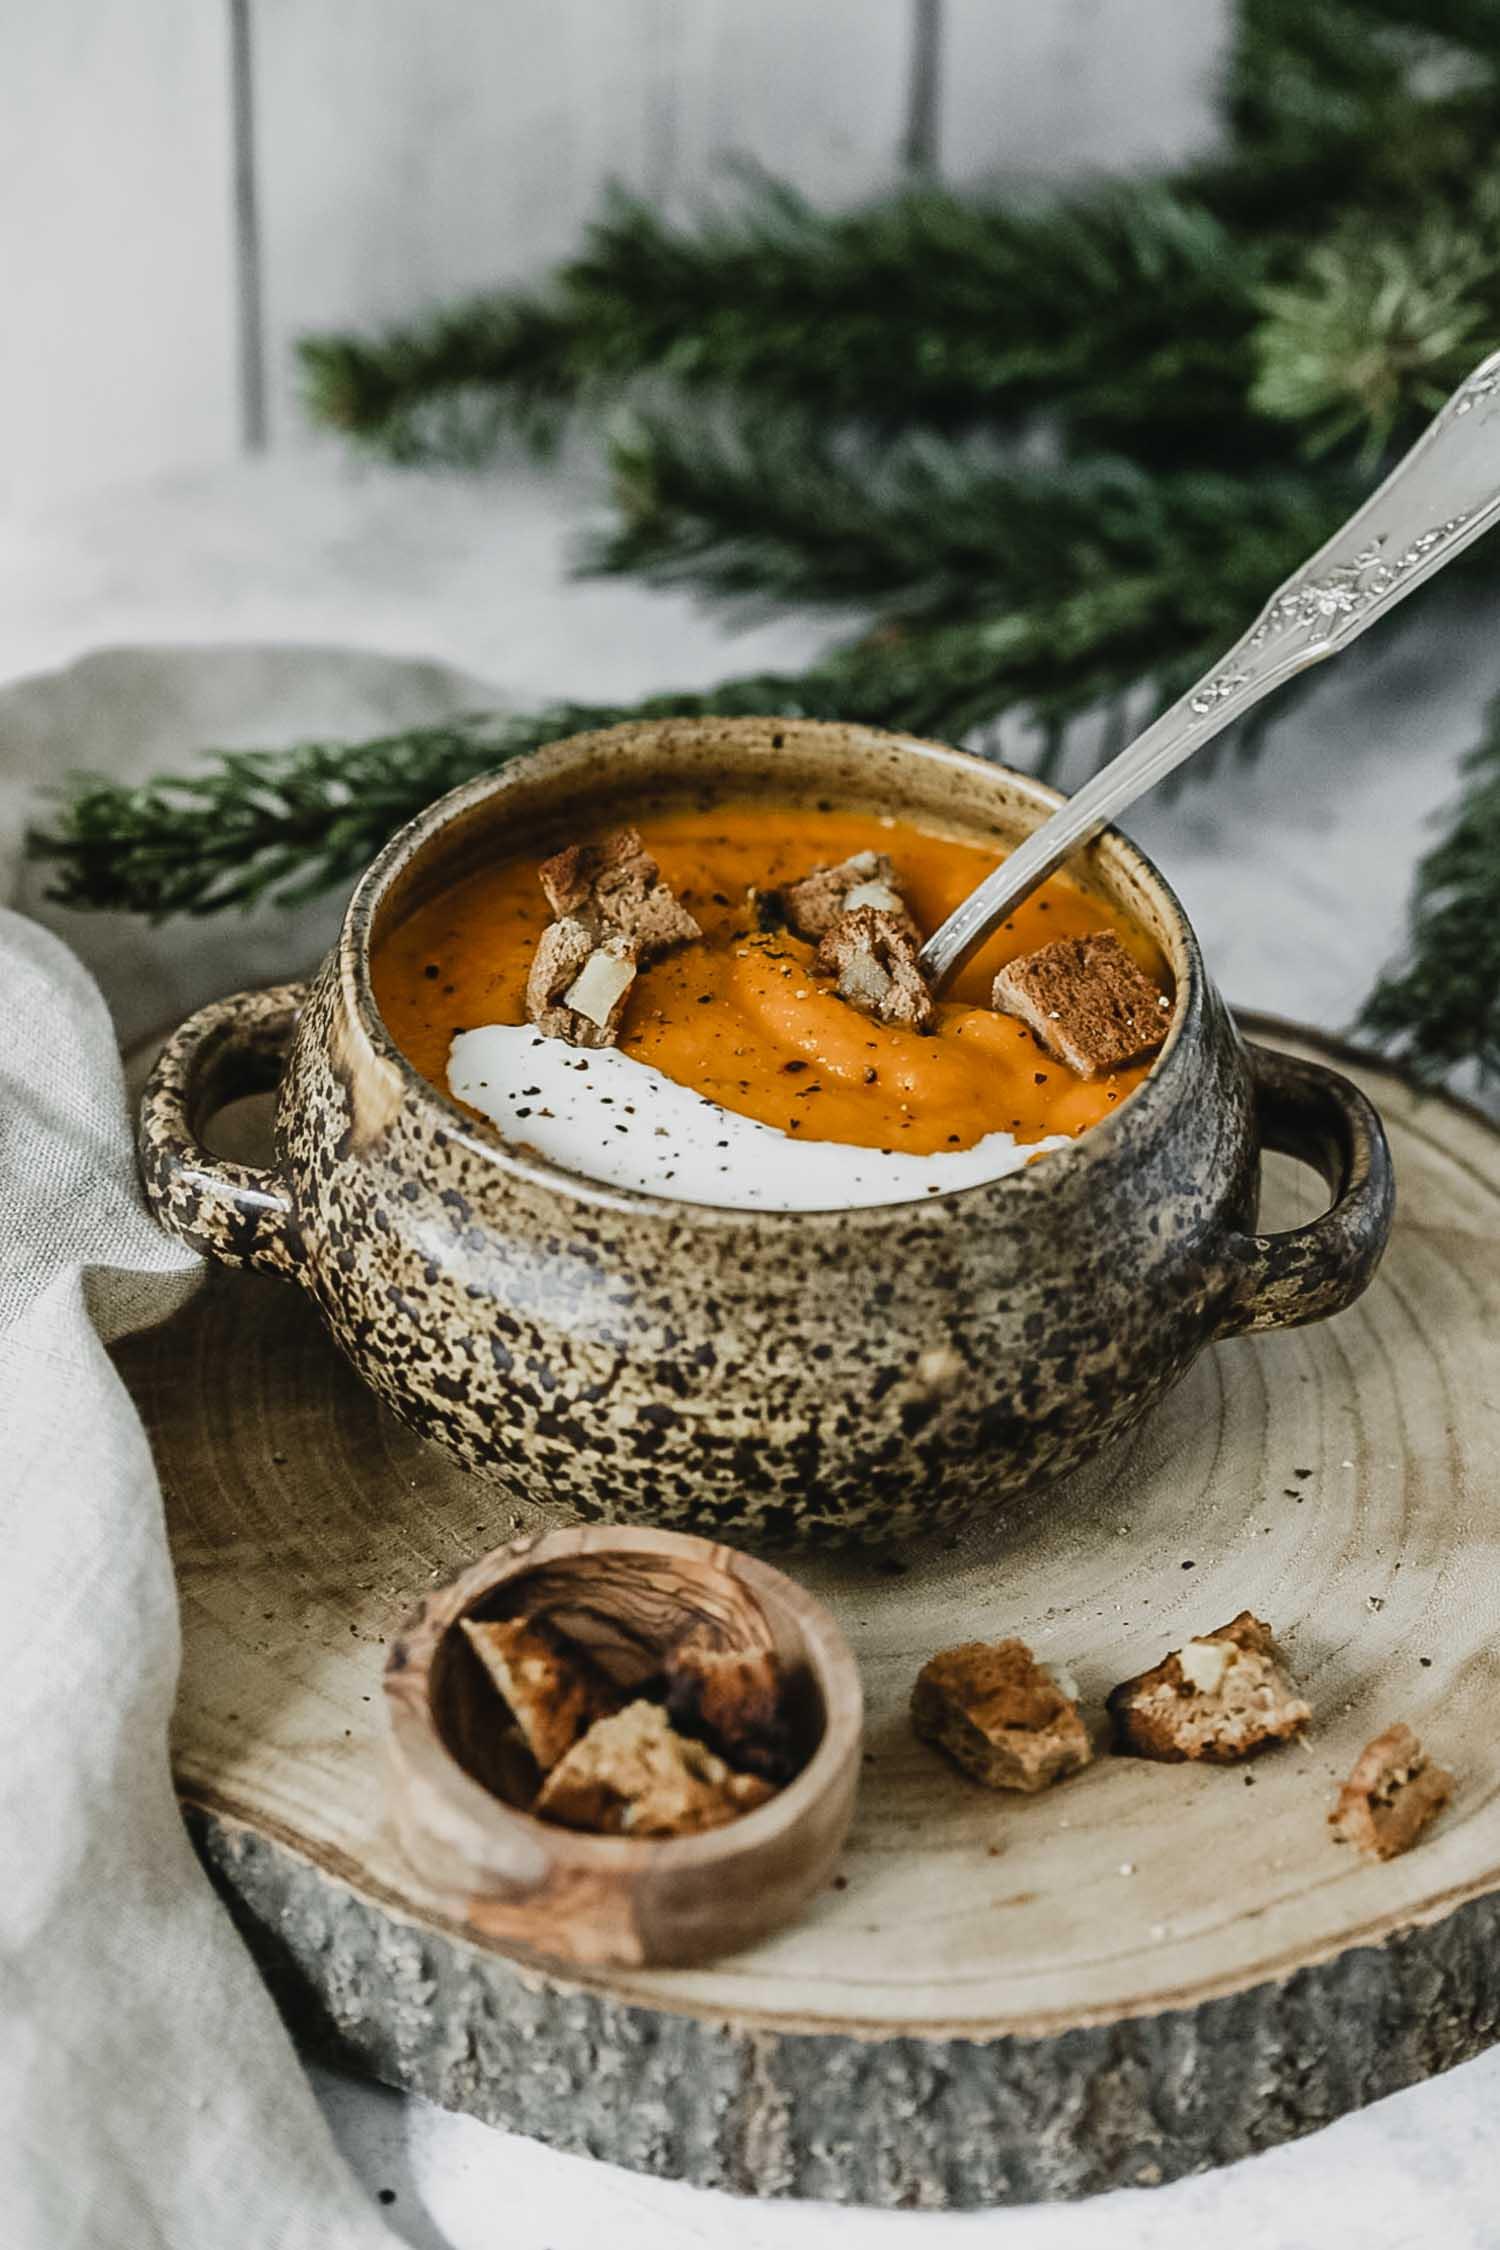 Recette vegan velouté carotte coco et gingembre